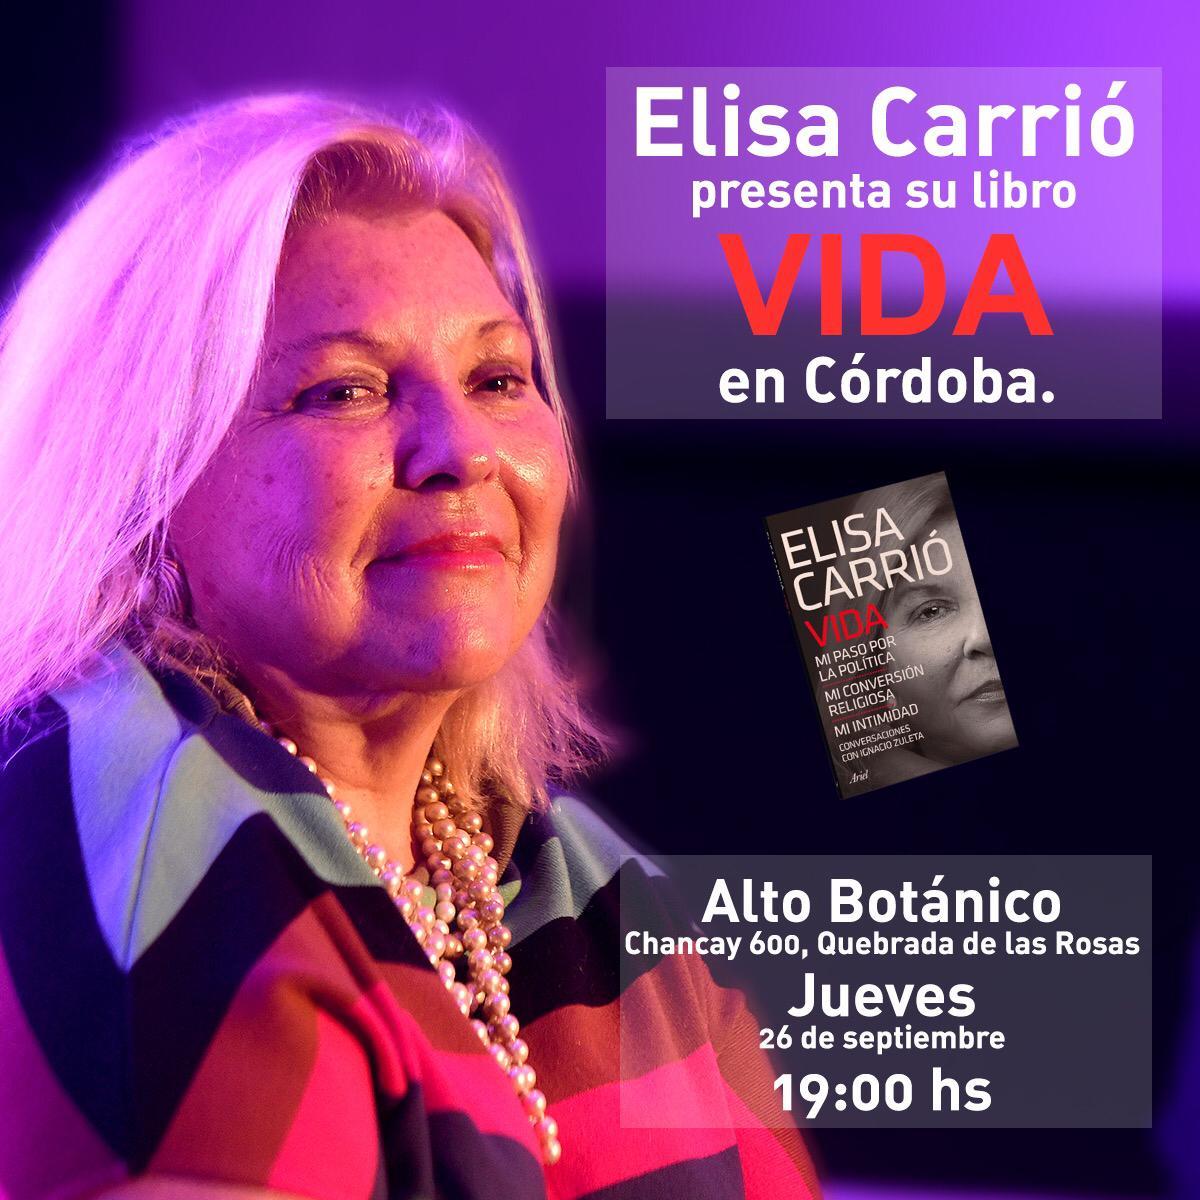 ELISA CARRIÓ EN CÓRDOBA